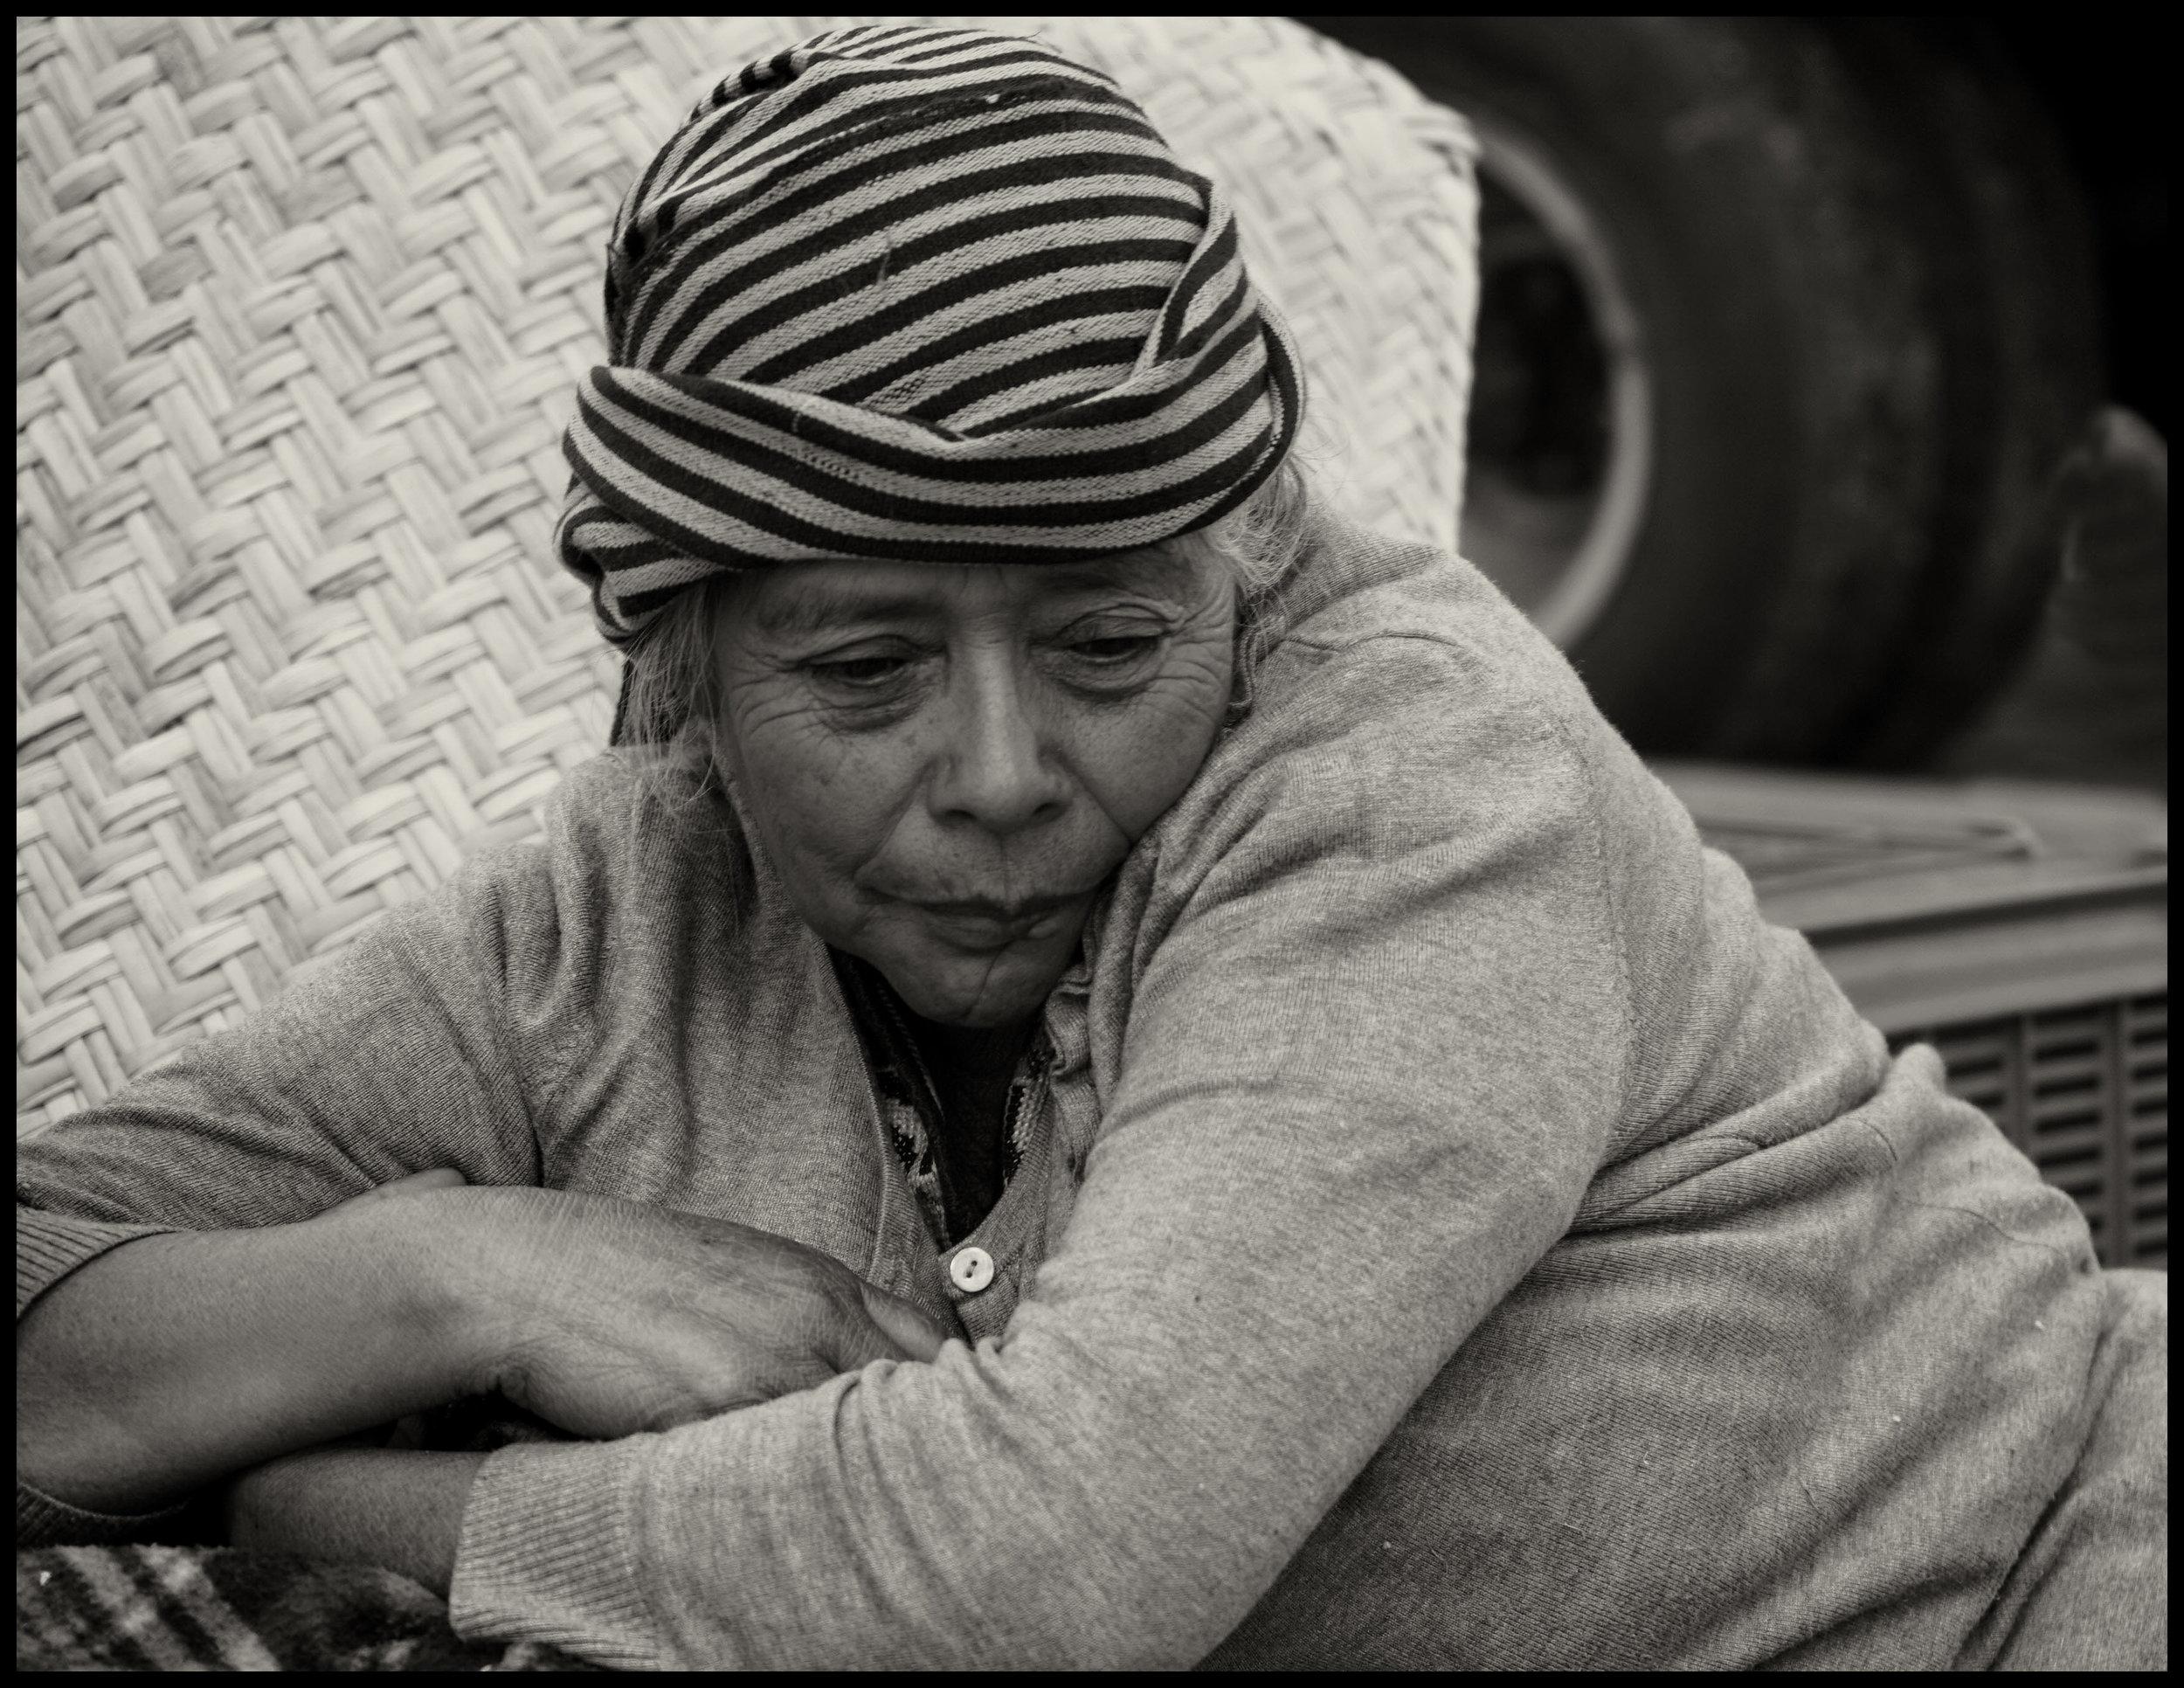 Leaning woman cropped framed DSC7443 copy.jpg